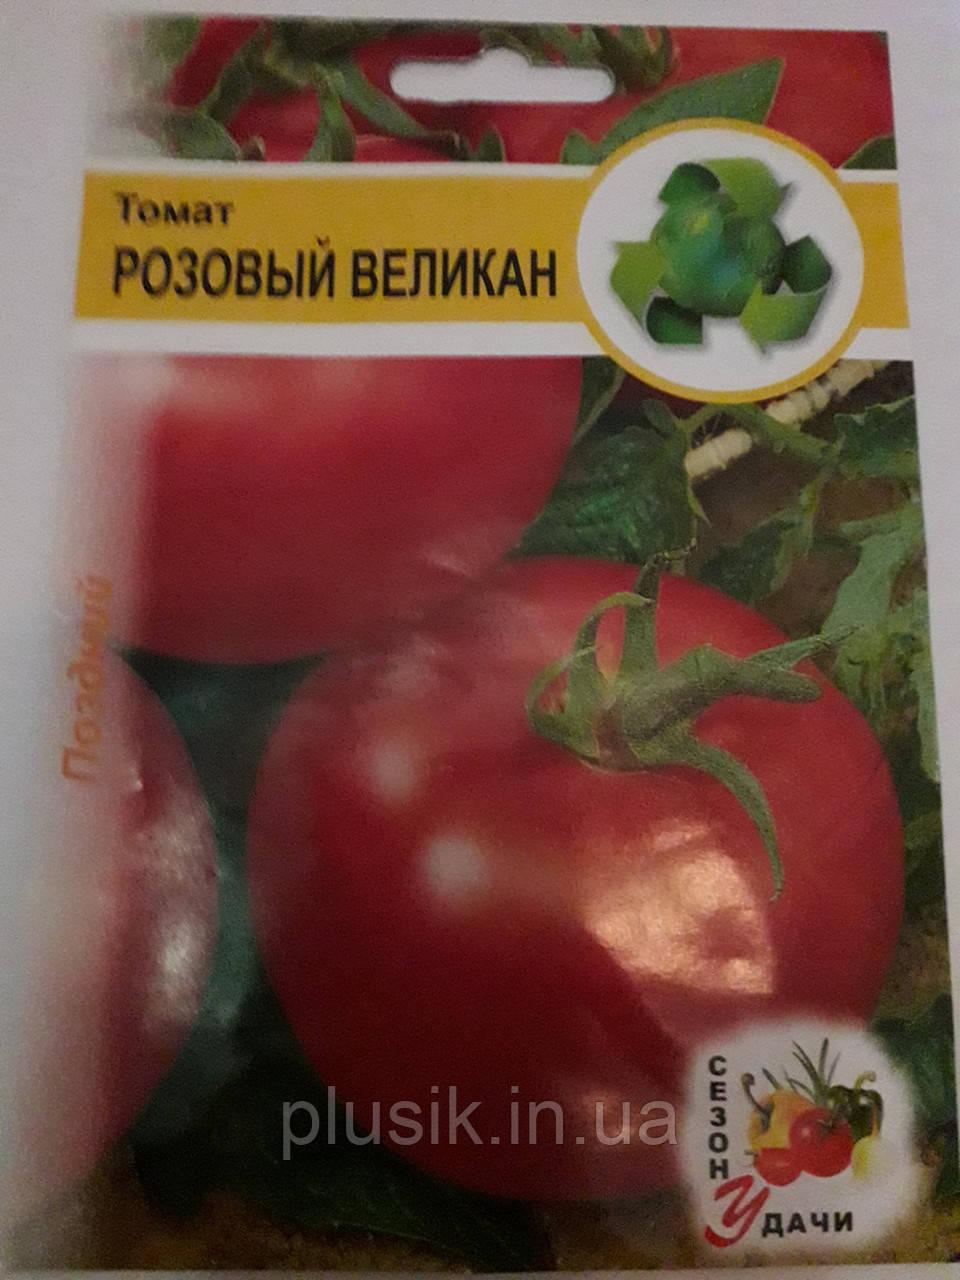 Томат Рожевий Велетень пізній 1 р. (мінімальне замовлення 10 пачок)